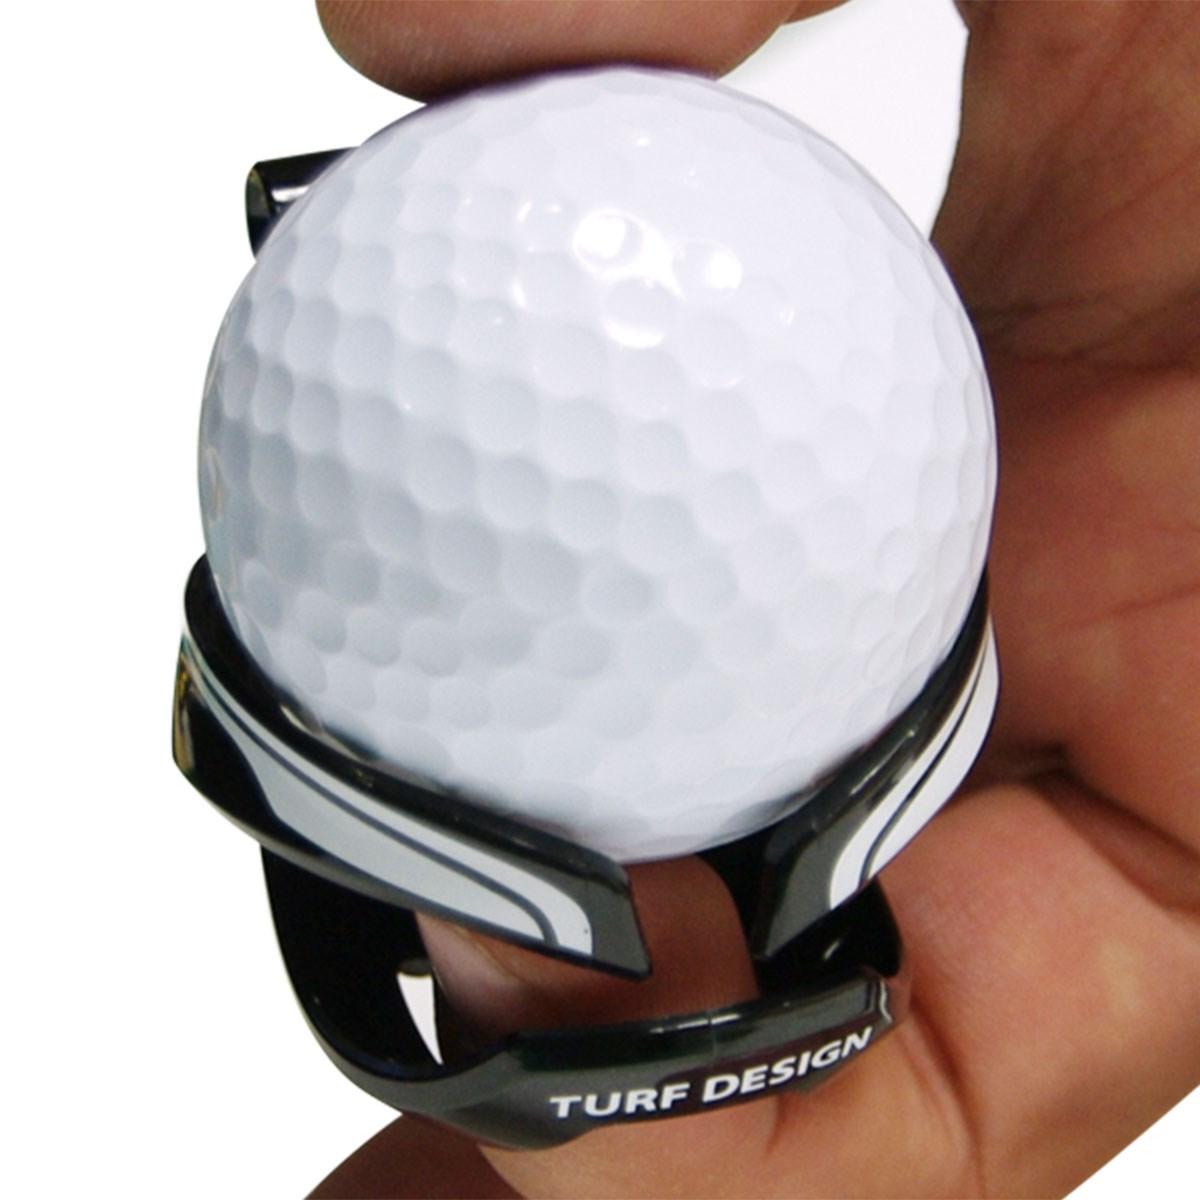 ターフデザイン TURF DESIGN ボールクロー ブラック/ホワイト